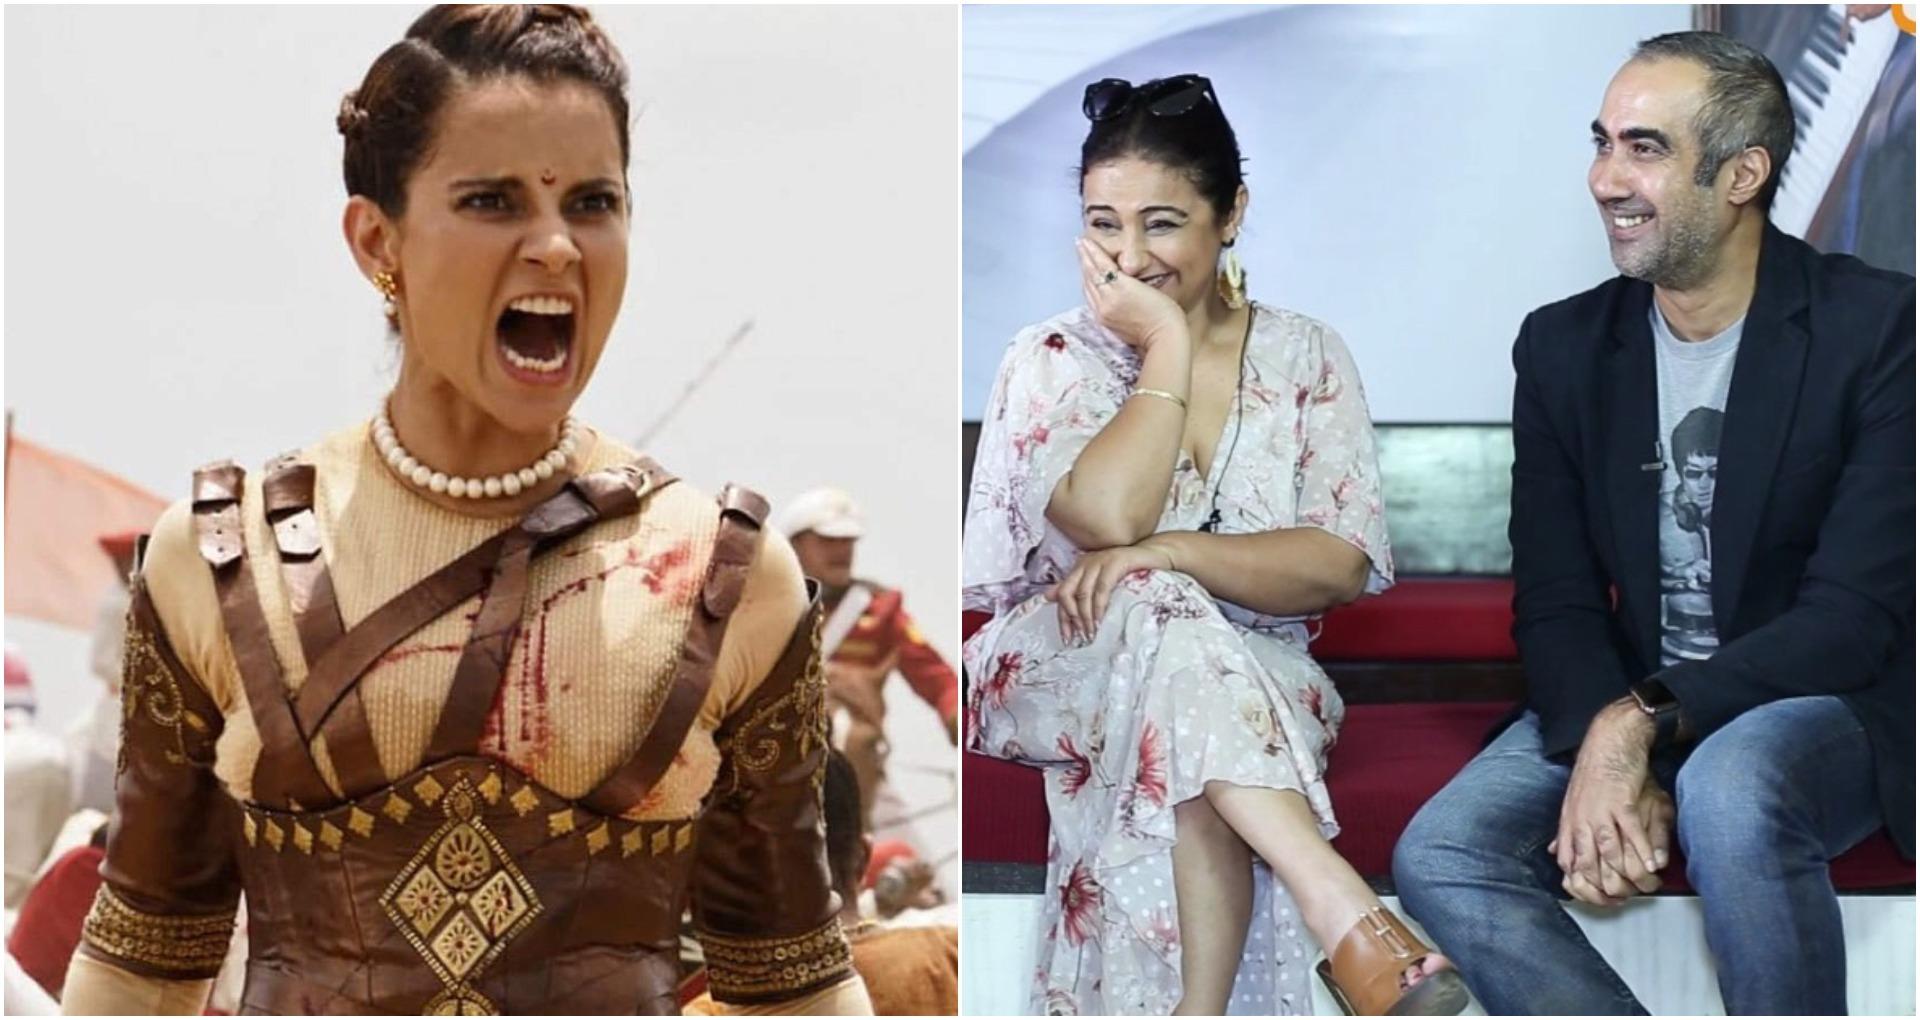 एक्सक्लूसिव: मणिकर्णिका अभिनेत्री कंगना रनौत ने ली 24 करोड़ फीस तो जोर से हंस पड़े दिव्या दत्ता और रणवीर शोरी